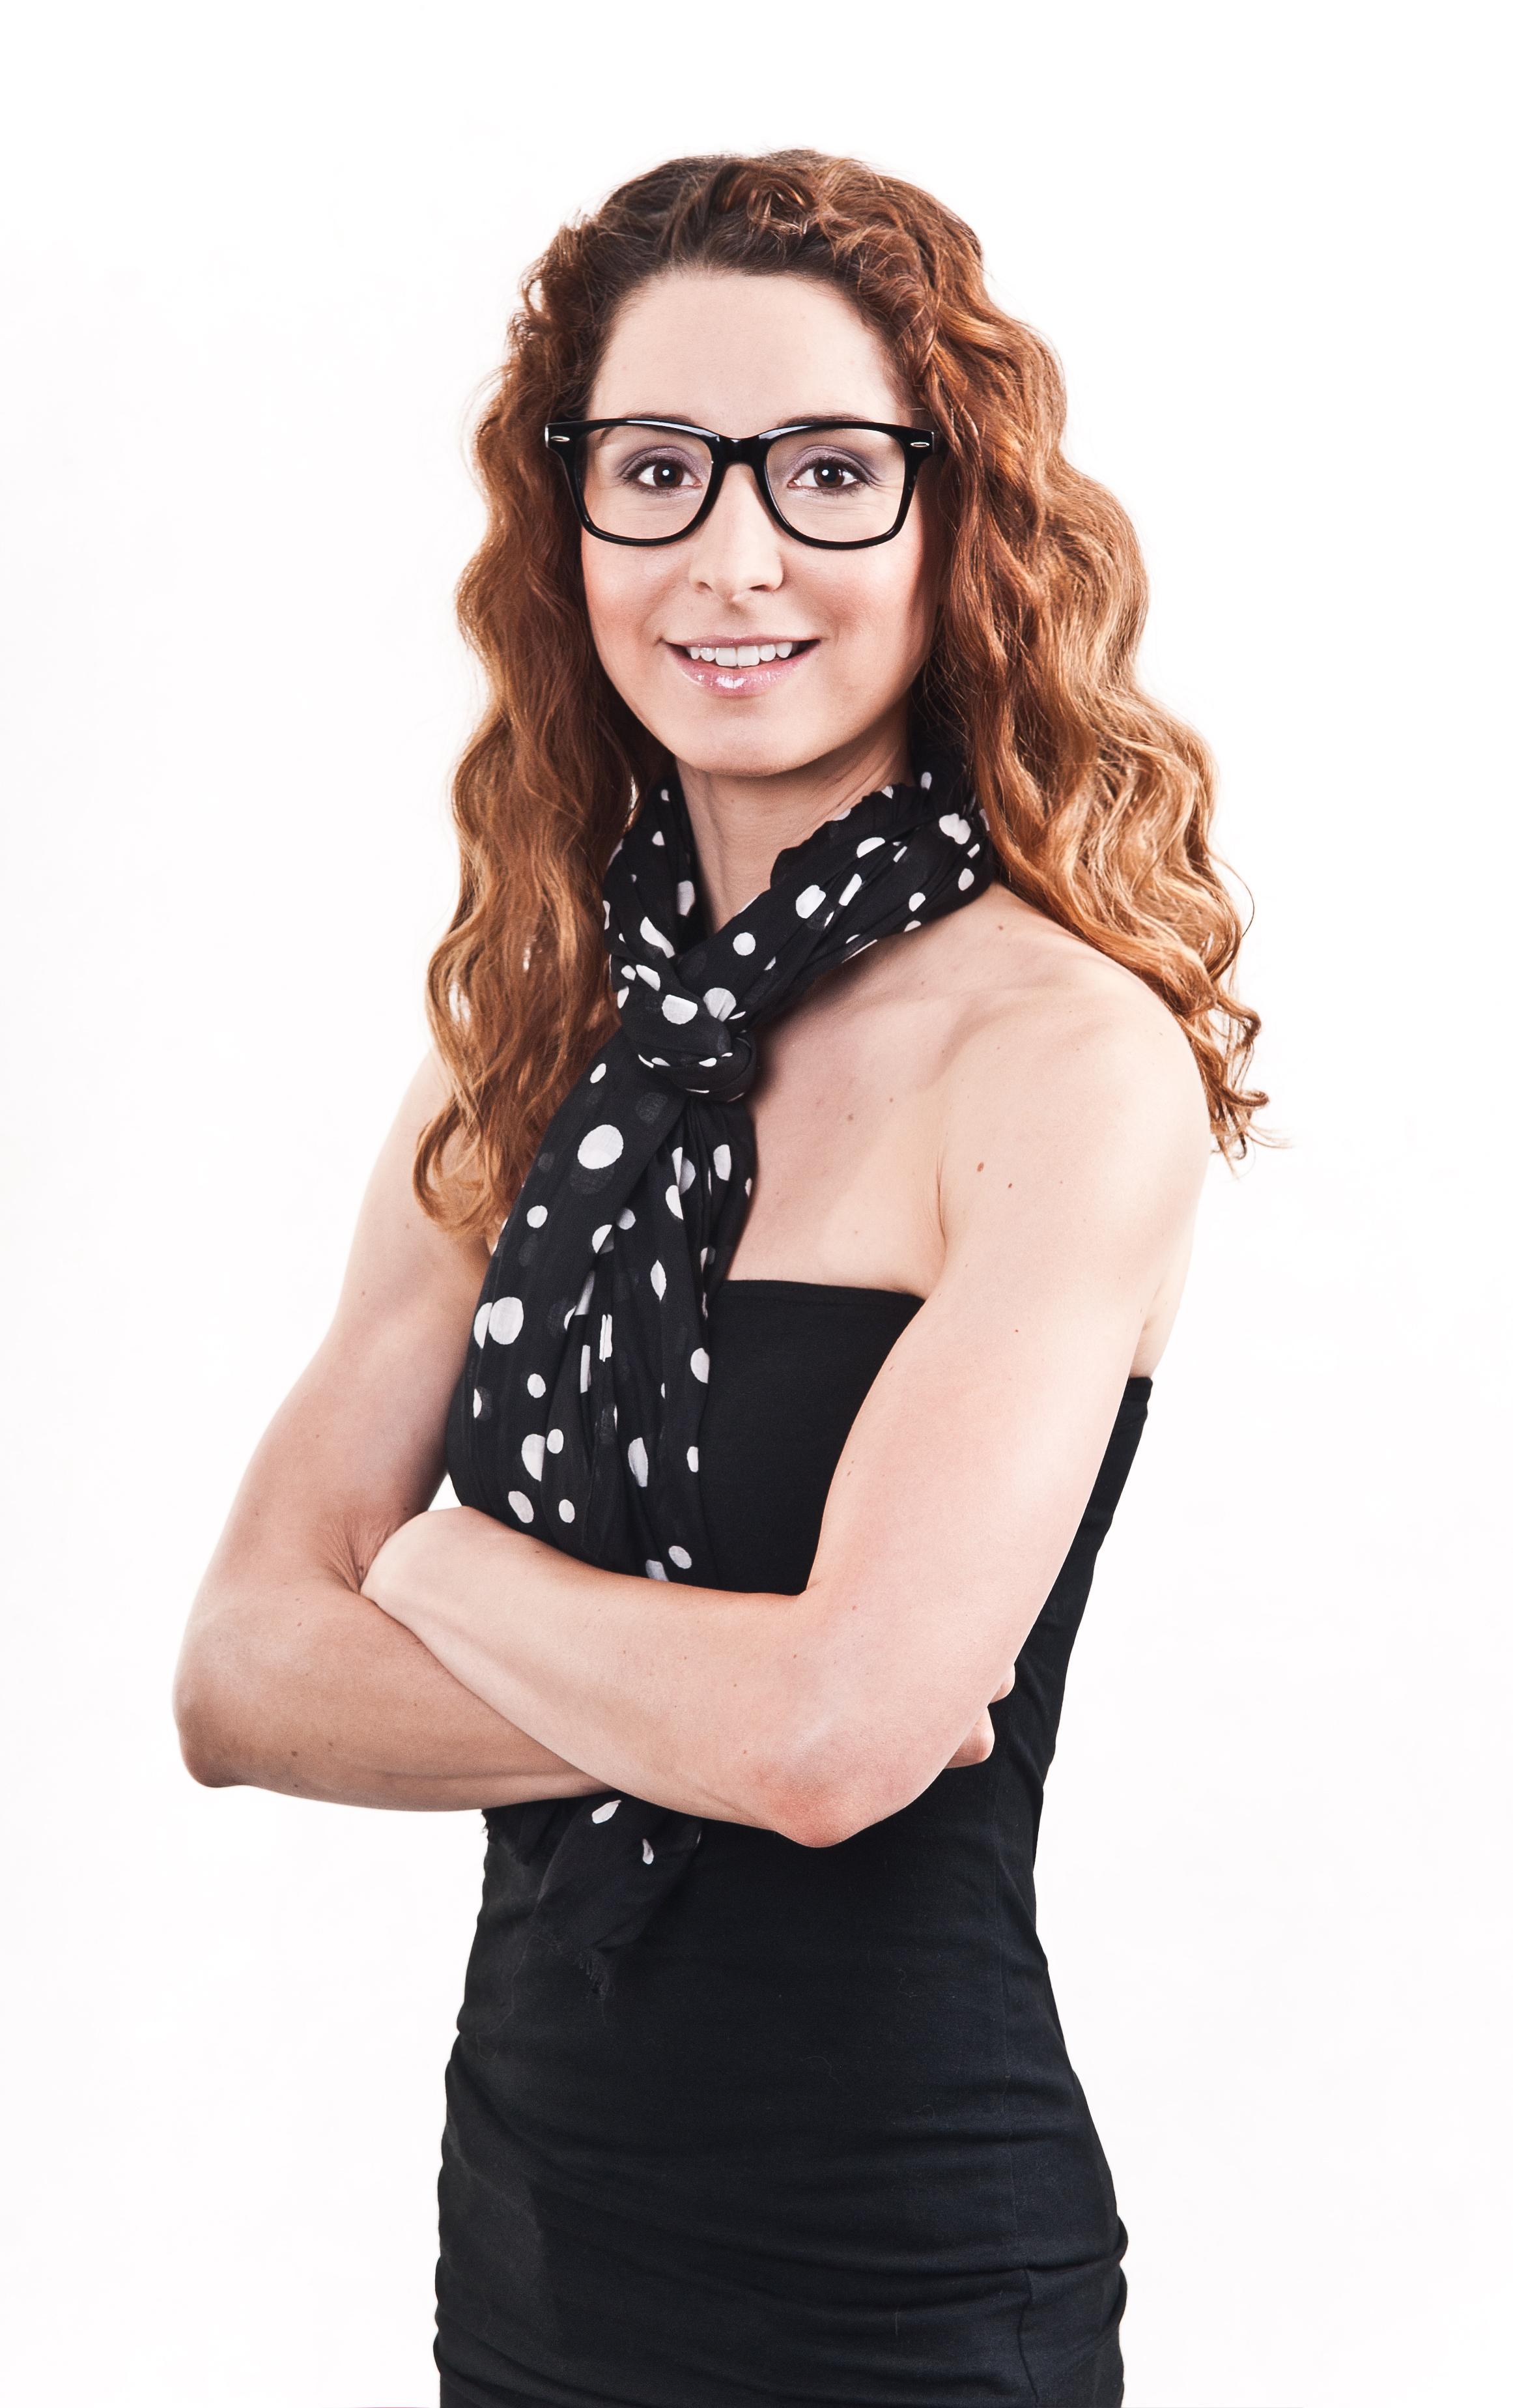 Jana Talavaskova